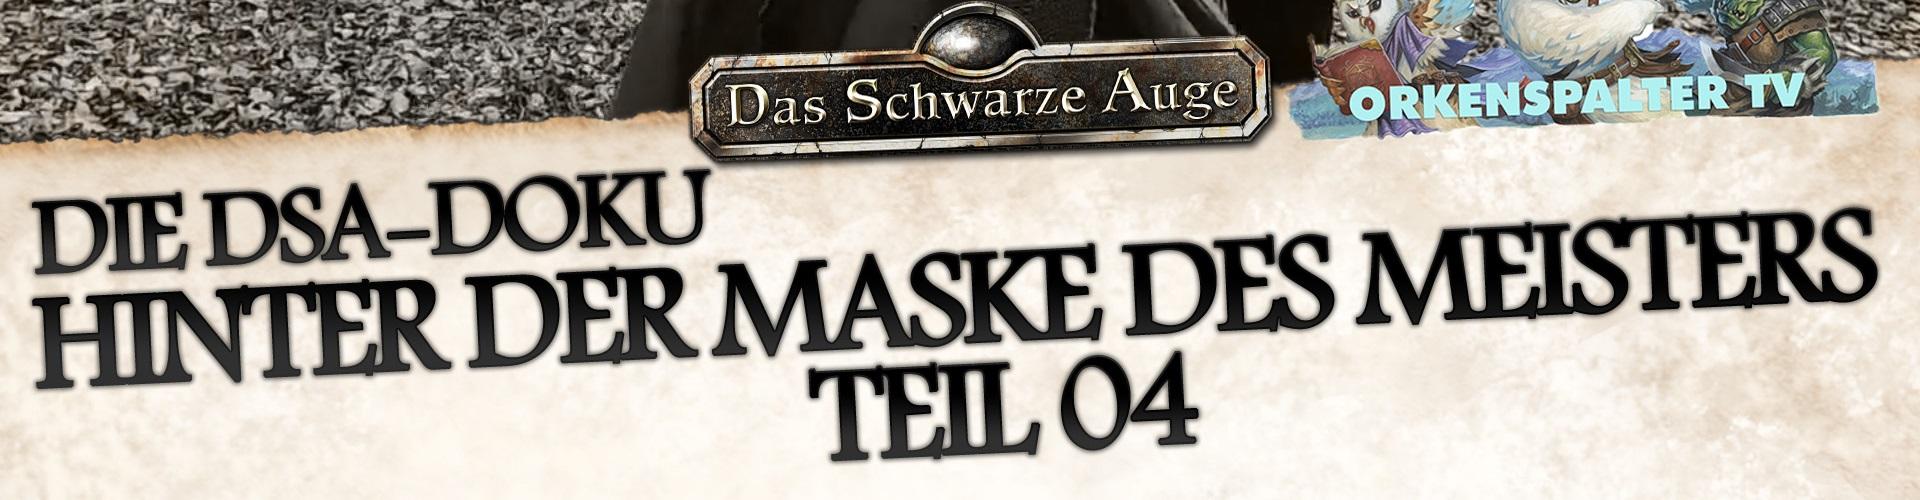 DSA-Doku: Hinter der Maske des Meisters